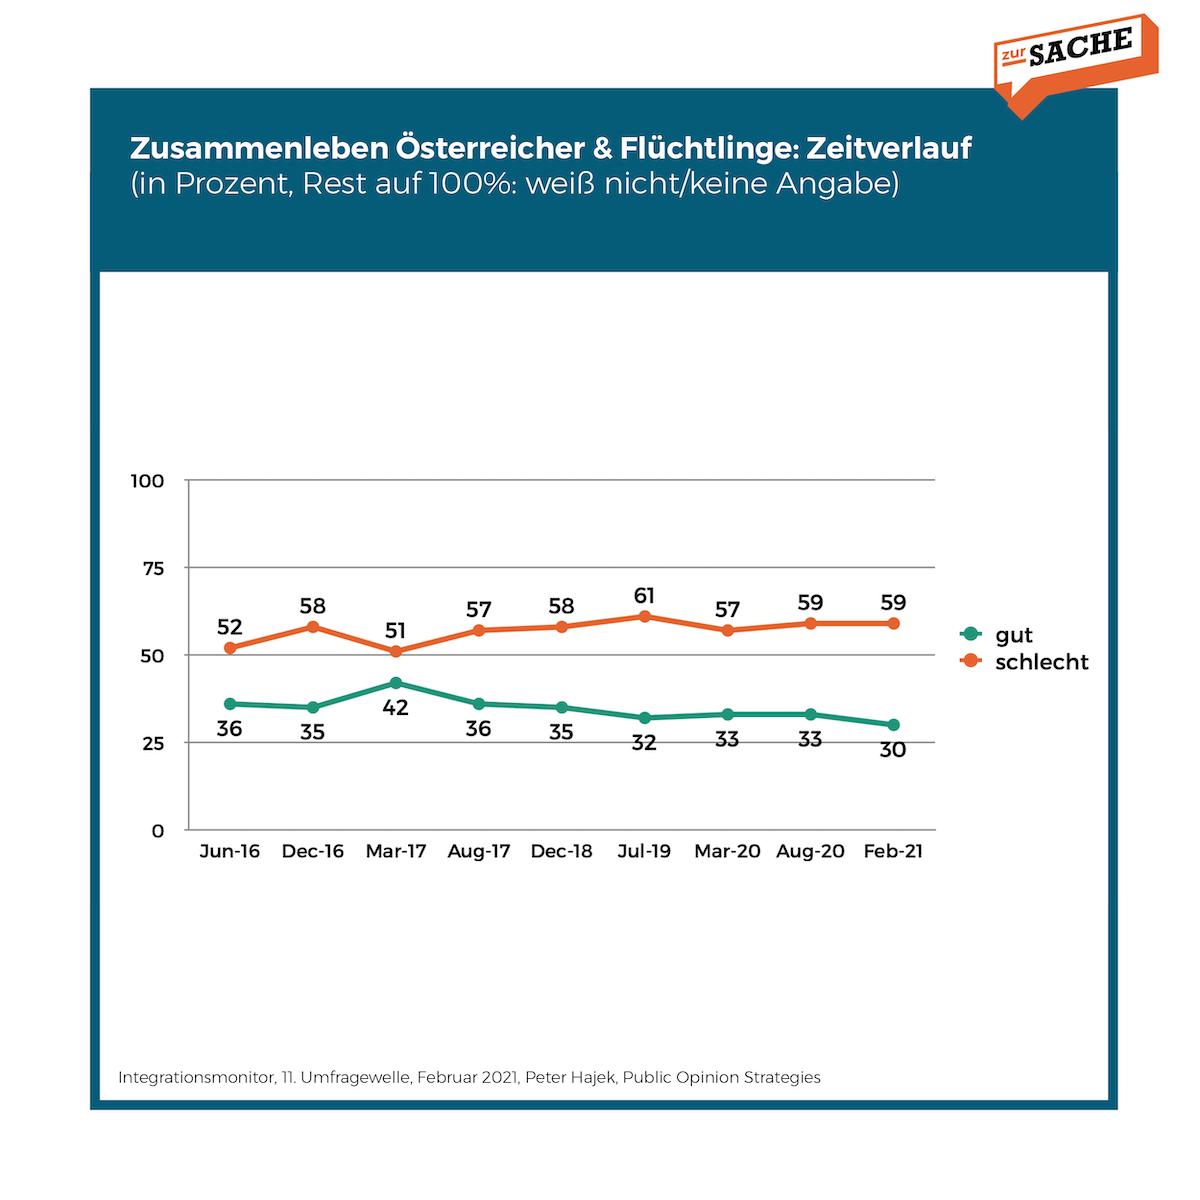 Bewertung des Zusammenlebens Österreicher & Flüchtlinge; Grafik: Zur-Sache